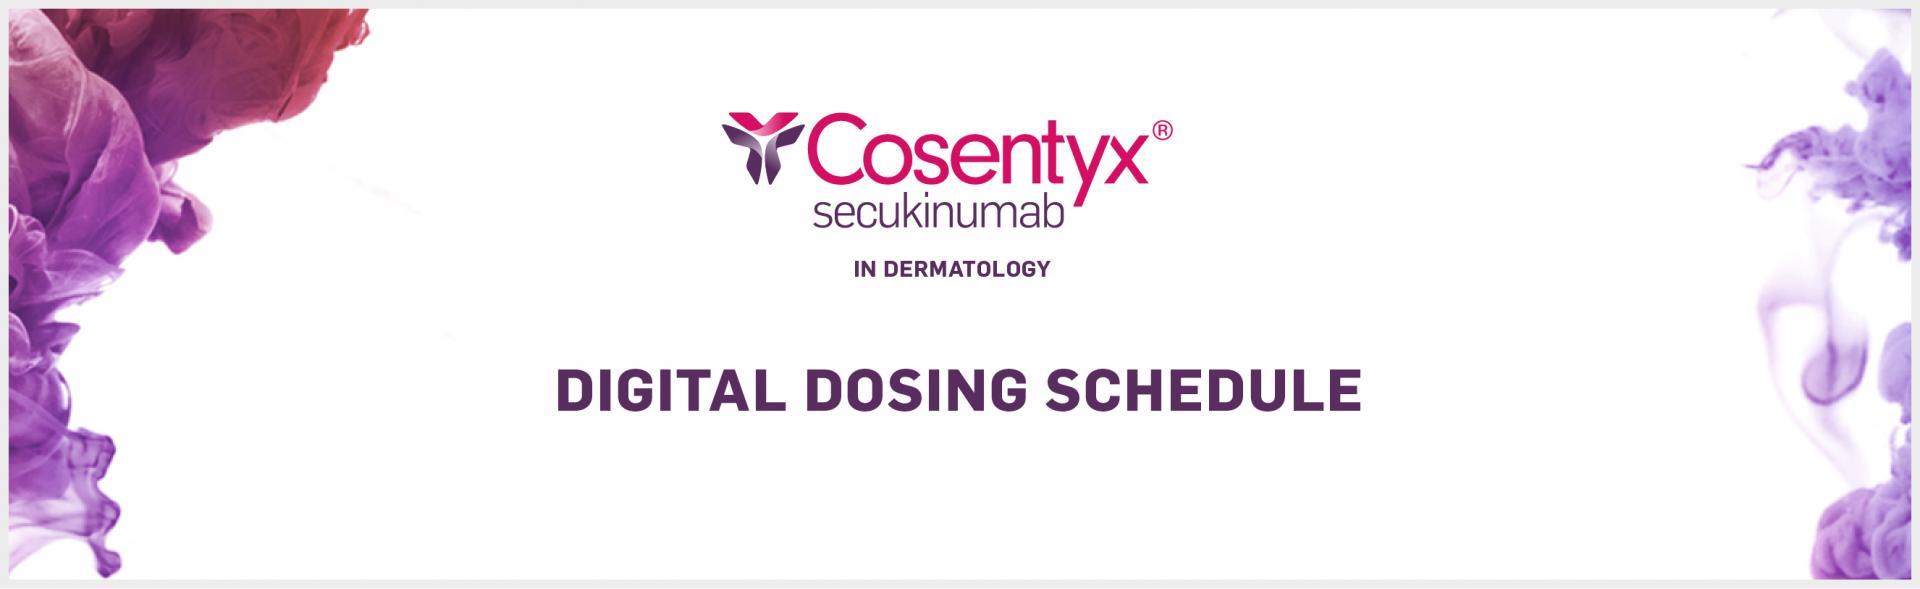 Top banner. Cosentyx digital dosing schedule